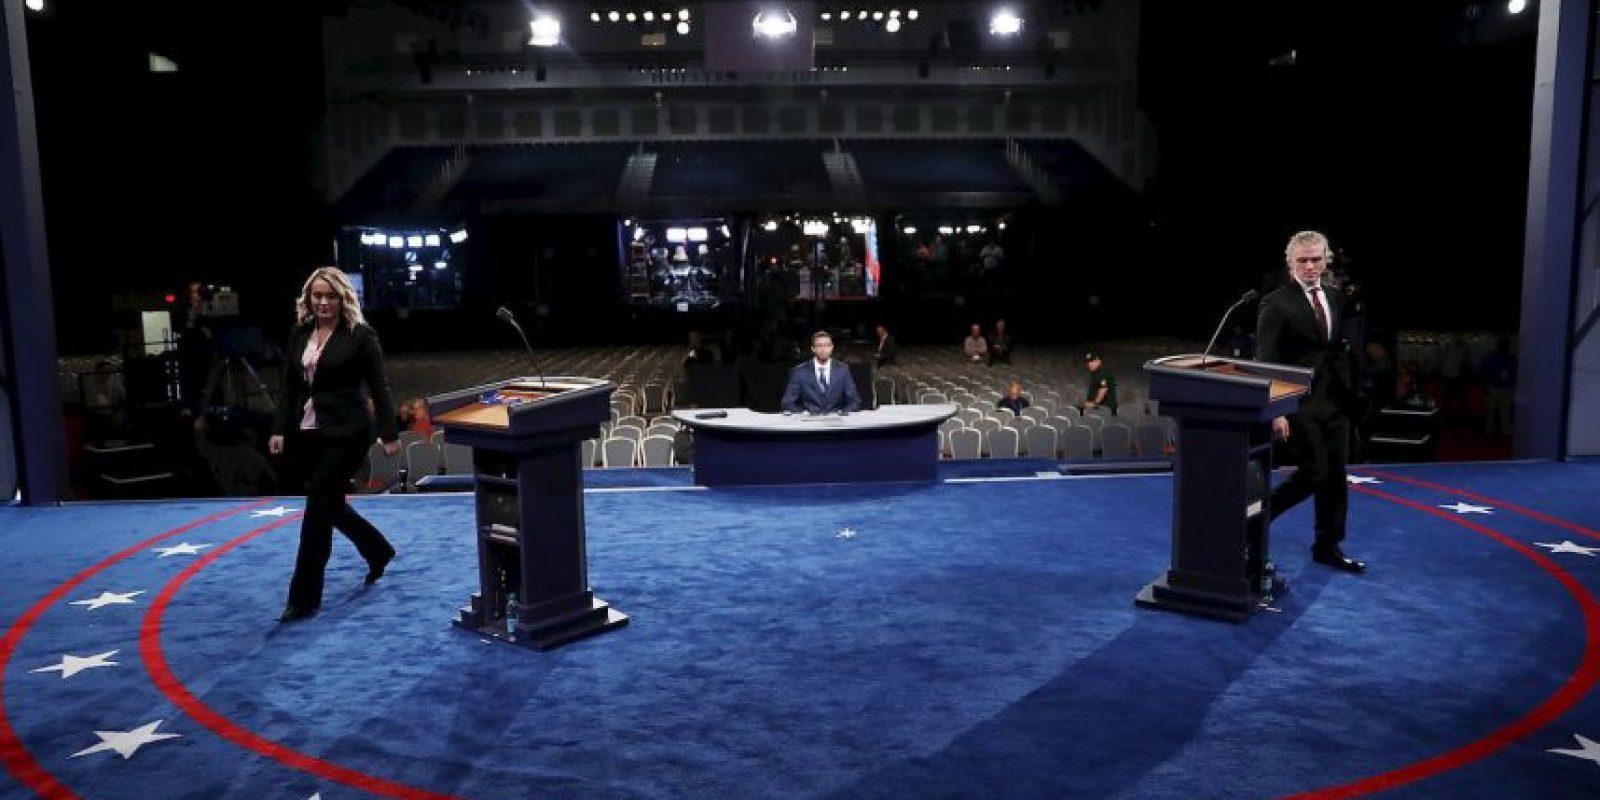 Ya se realizaron ensayos en el escenario Foto:Getty Images